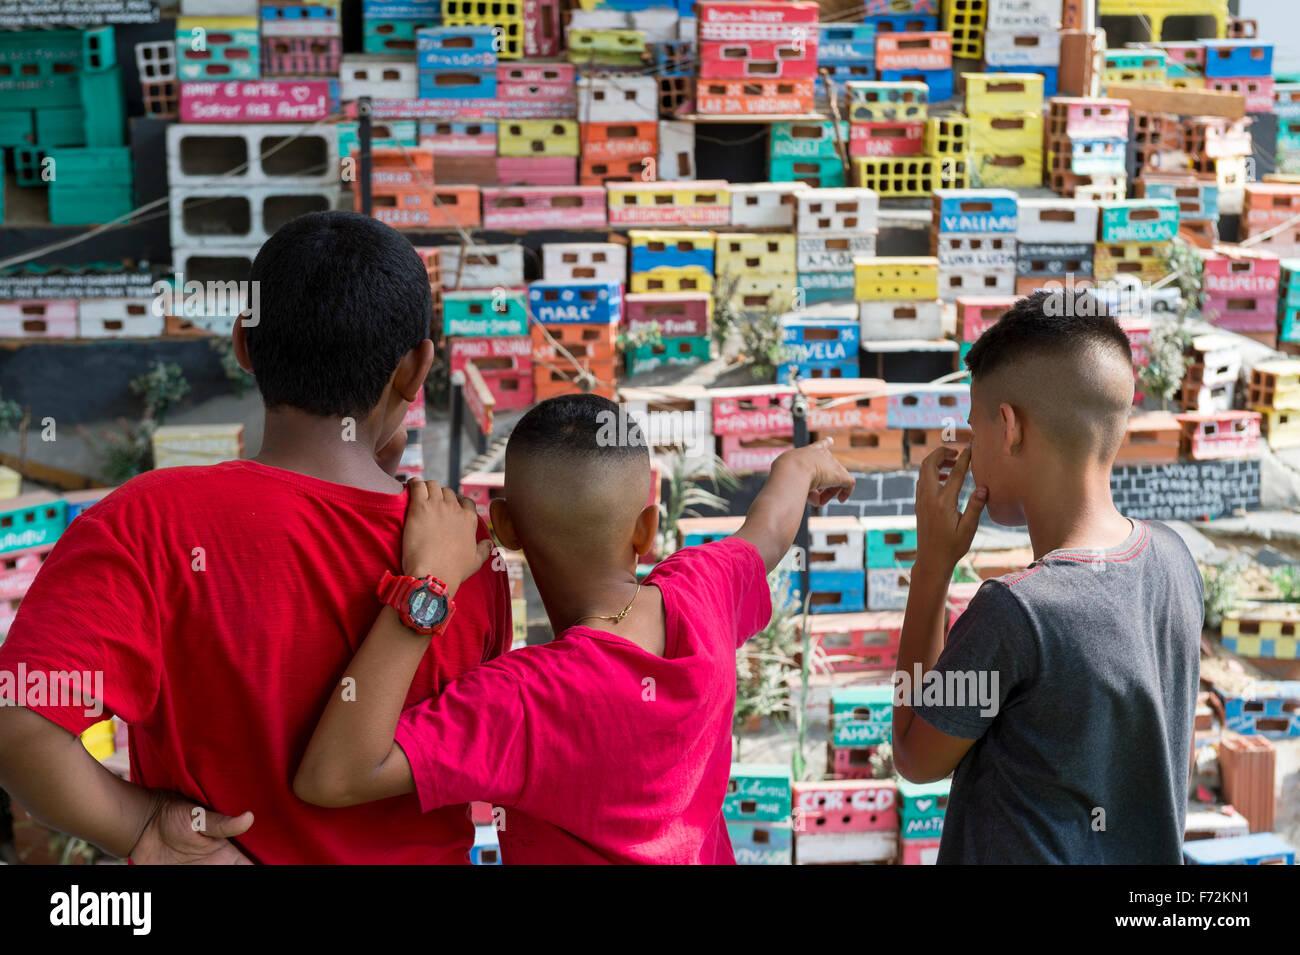 RIO DE JANEIRO, Brasilien - 16. Oktober 2015: Junge Brasilianer stehen und blicken auf eine soziale Kunst-Installation Stockbild